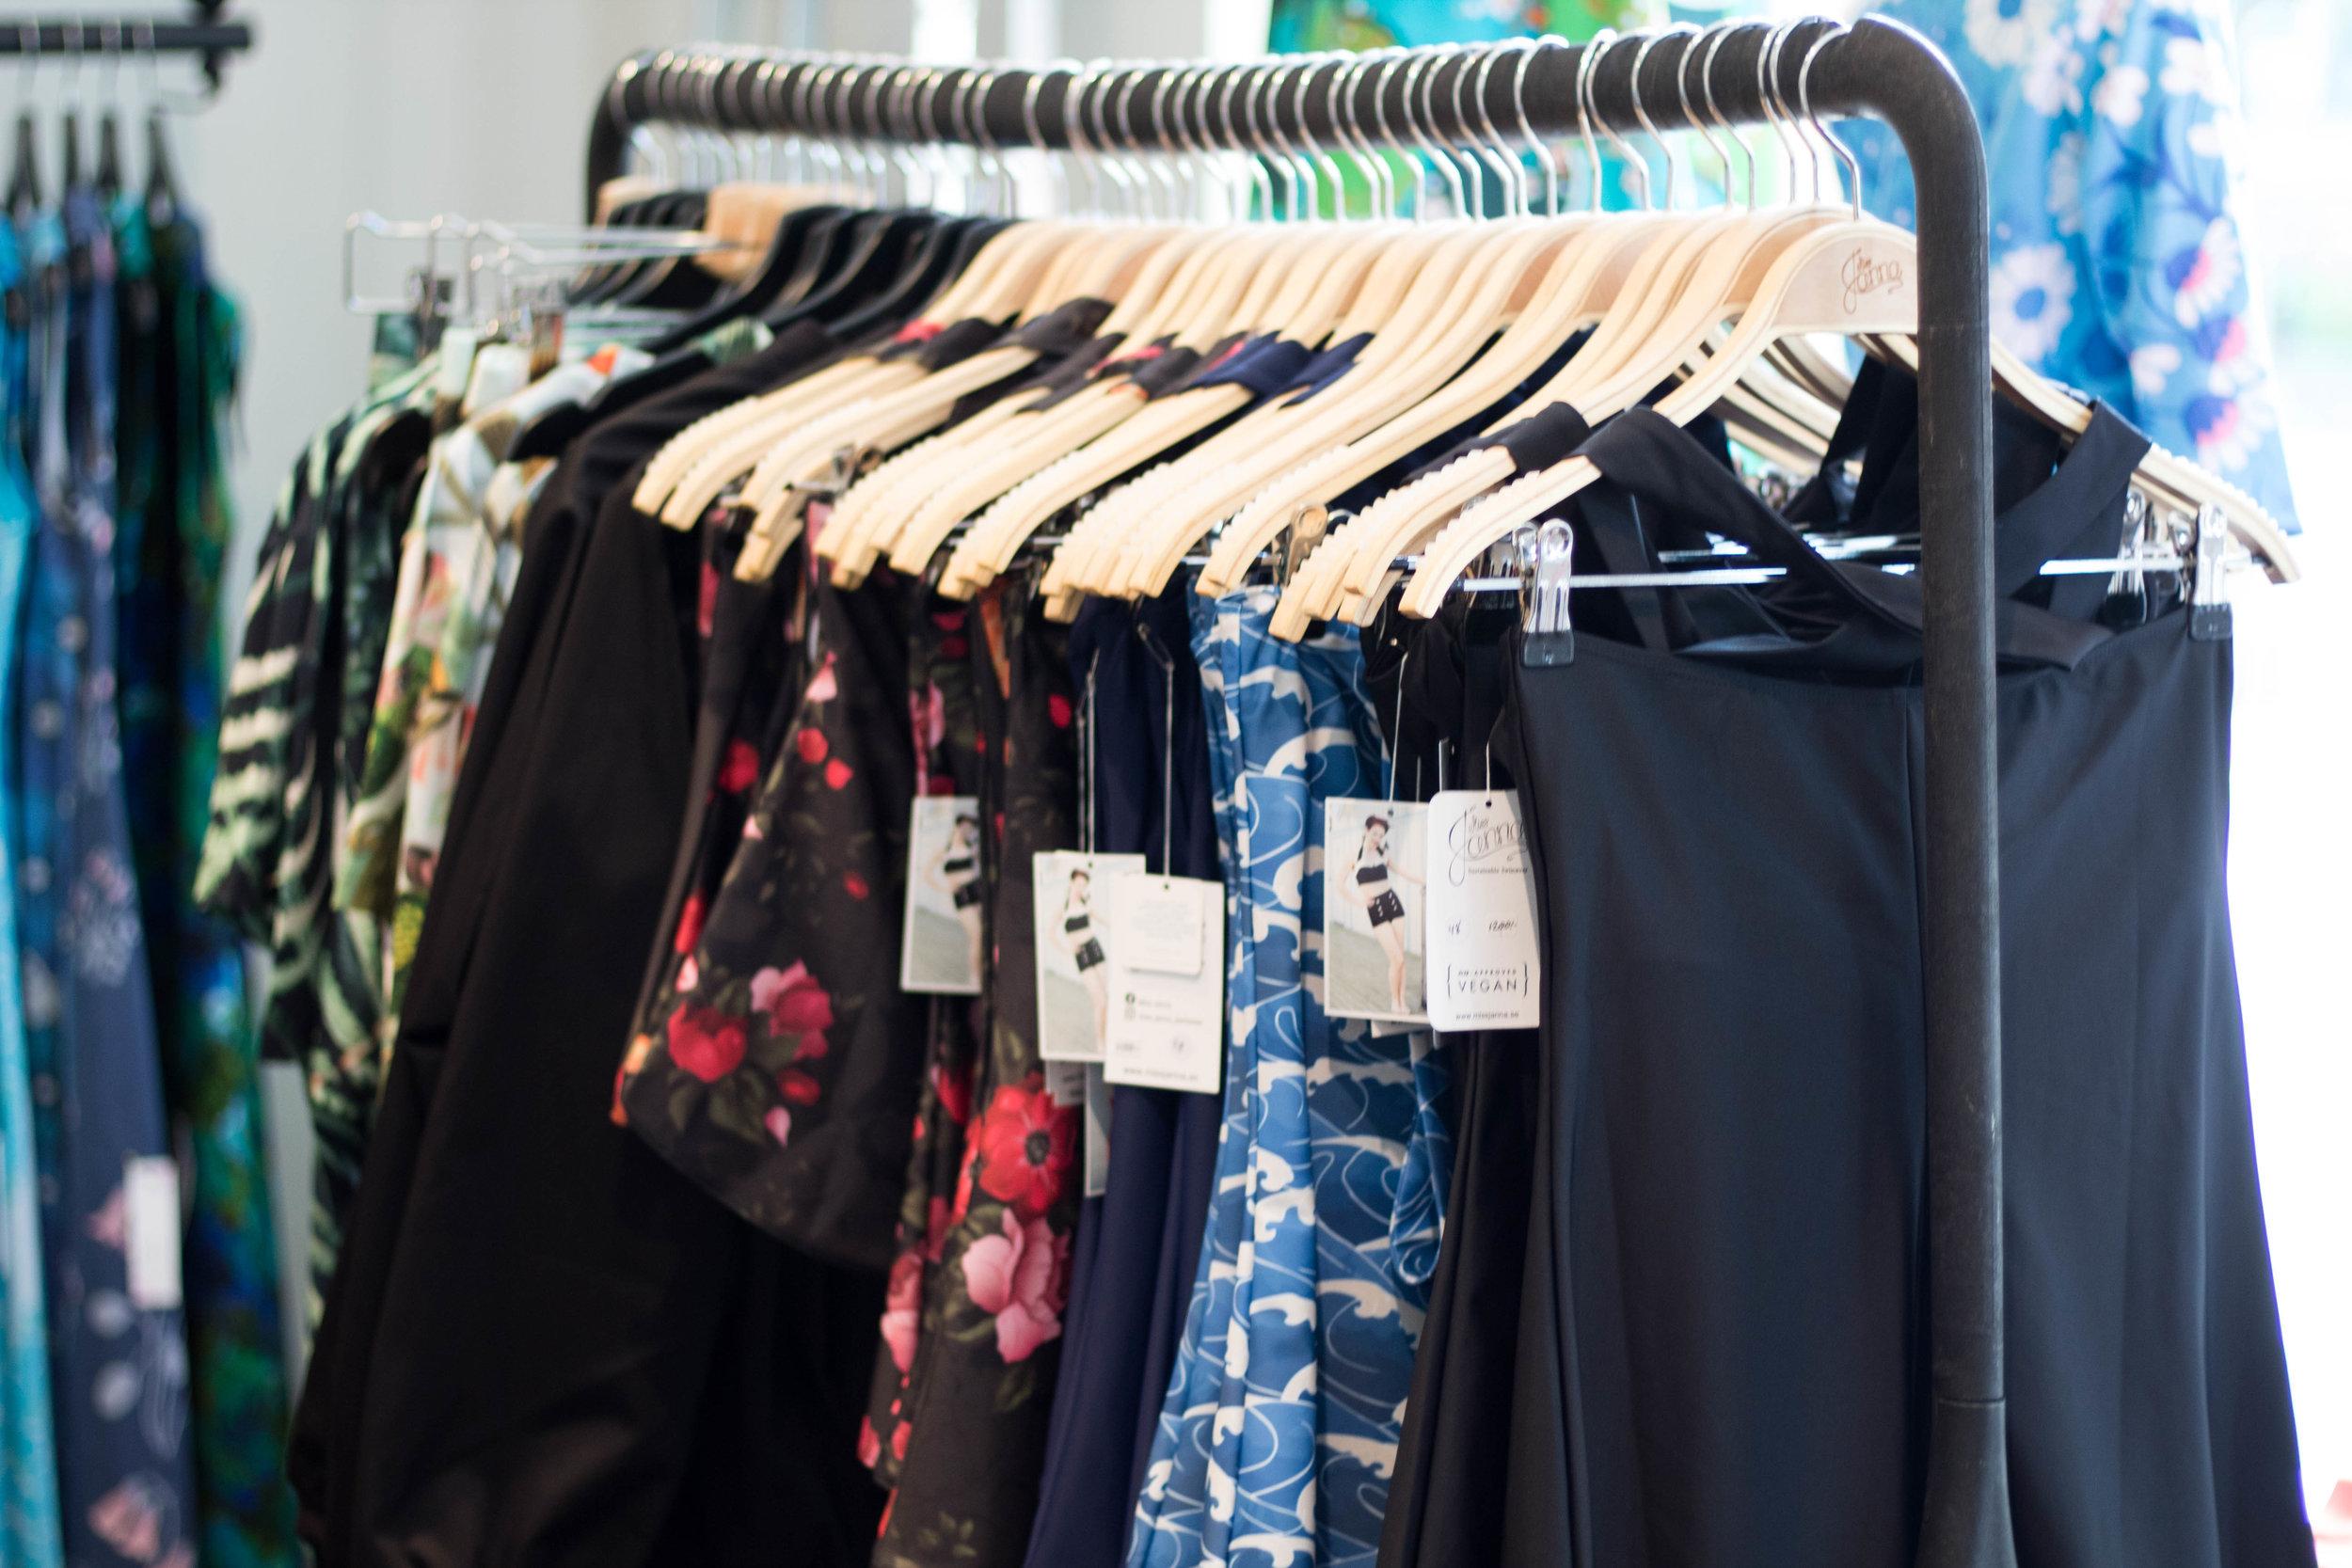 Göteborgsmärket Miss Janna Swimwear gör badkläder i återvunnet material i 40 och 50-talsinspirerade modeller. Perfekt för dig som gillar bikinitrosor med högre midja.